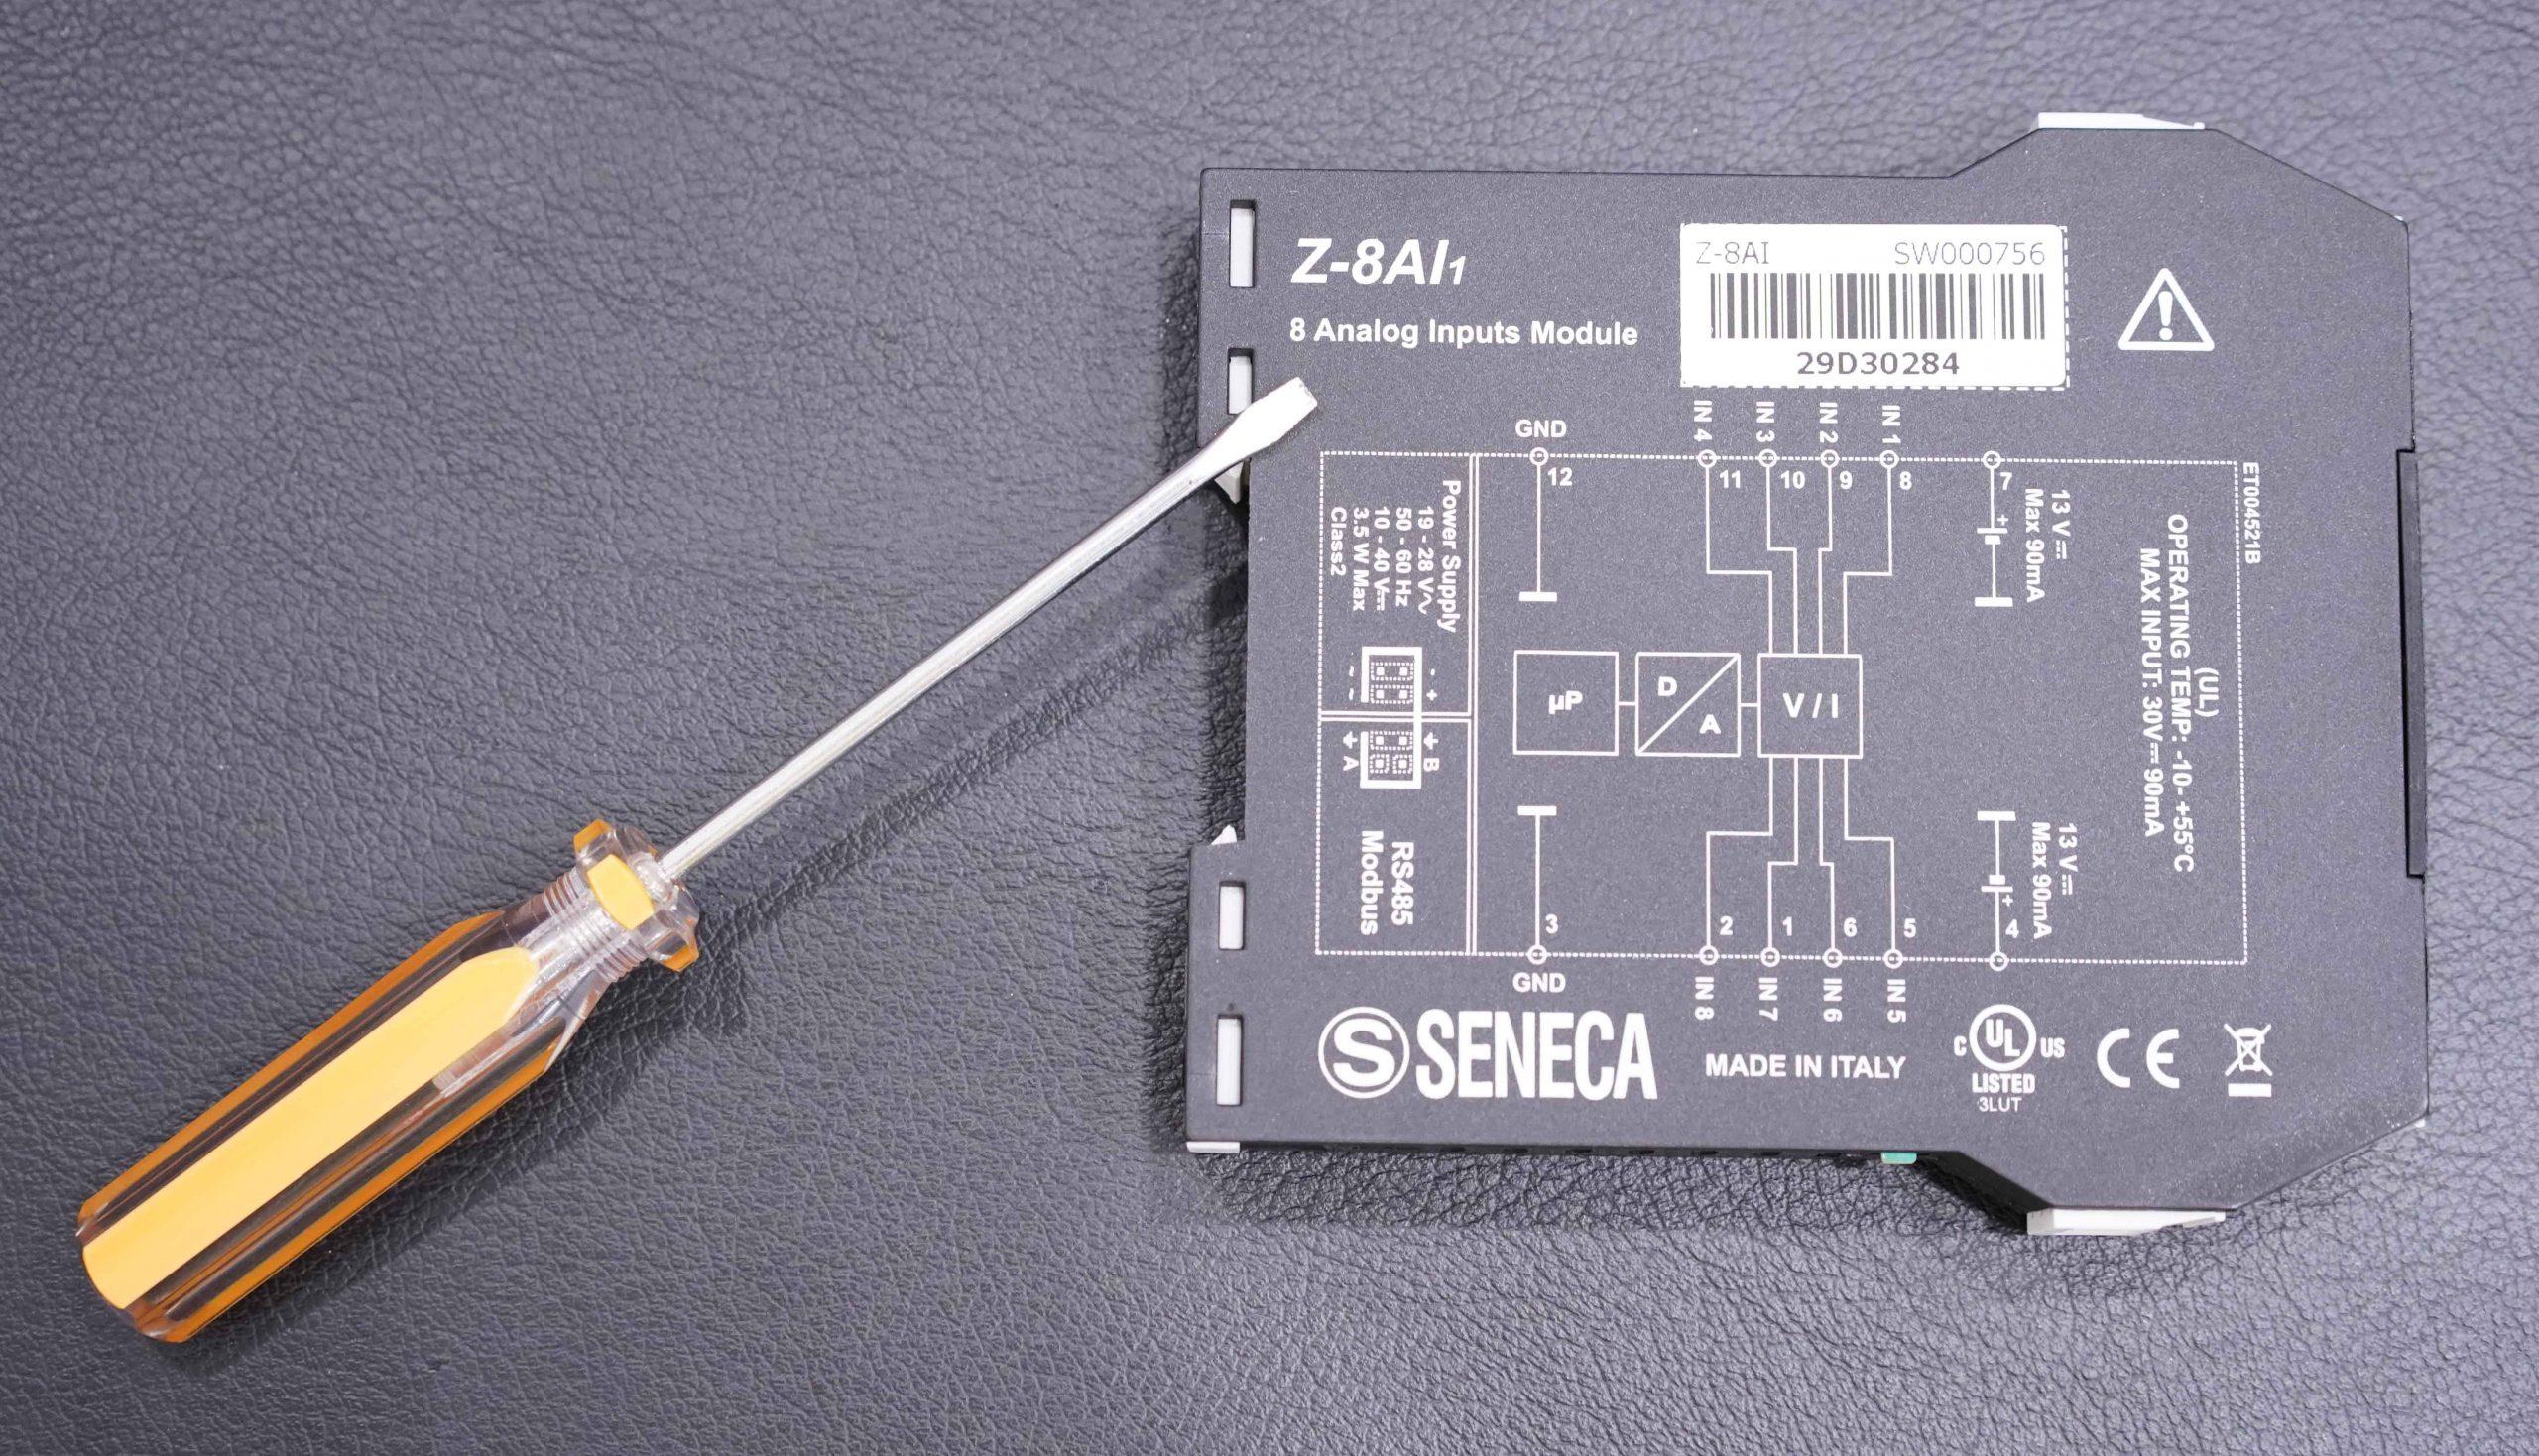 bộ chuyển đổi Z-8AI nhận 8 tín hiệu Analog 4-20mA Chuyển Sang Modbus RTU